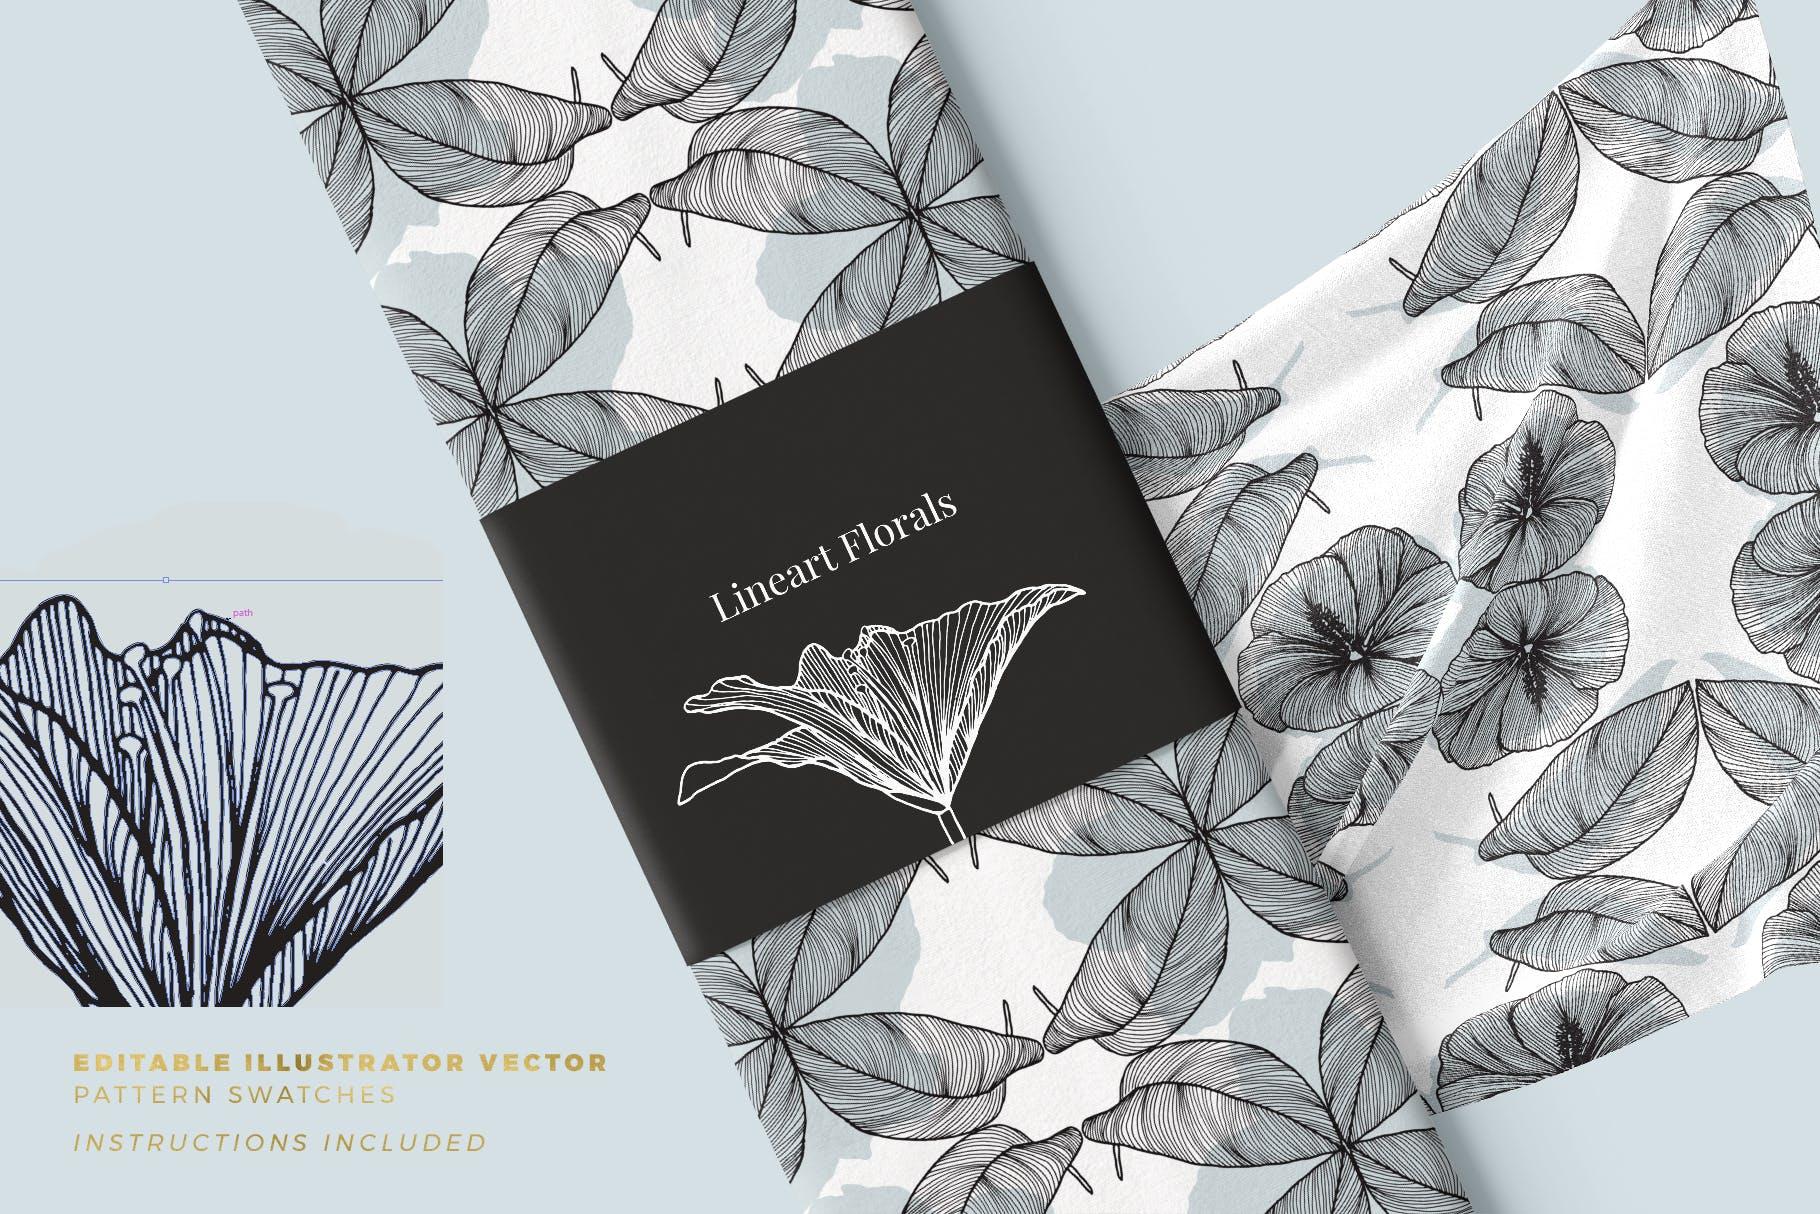 线条艺术花卉矢量图案元素Lineart Floral Patterns Elements插图(2)